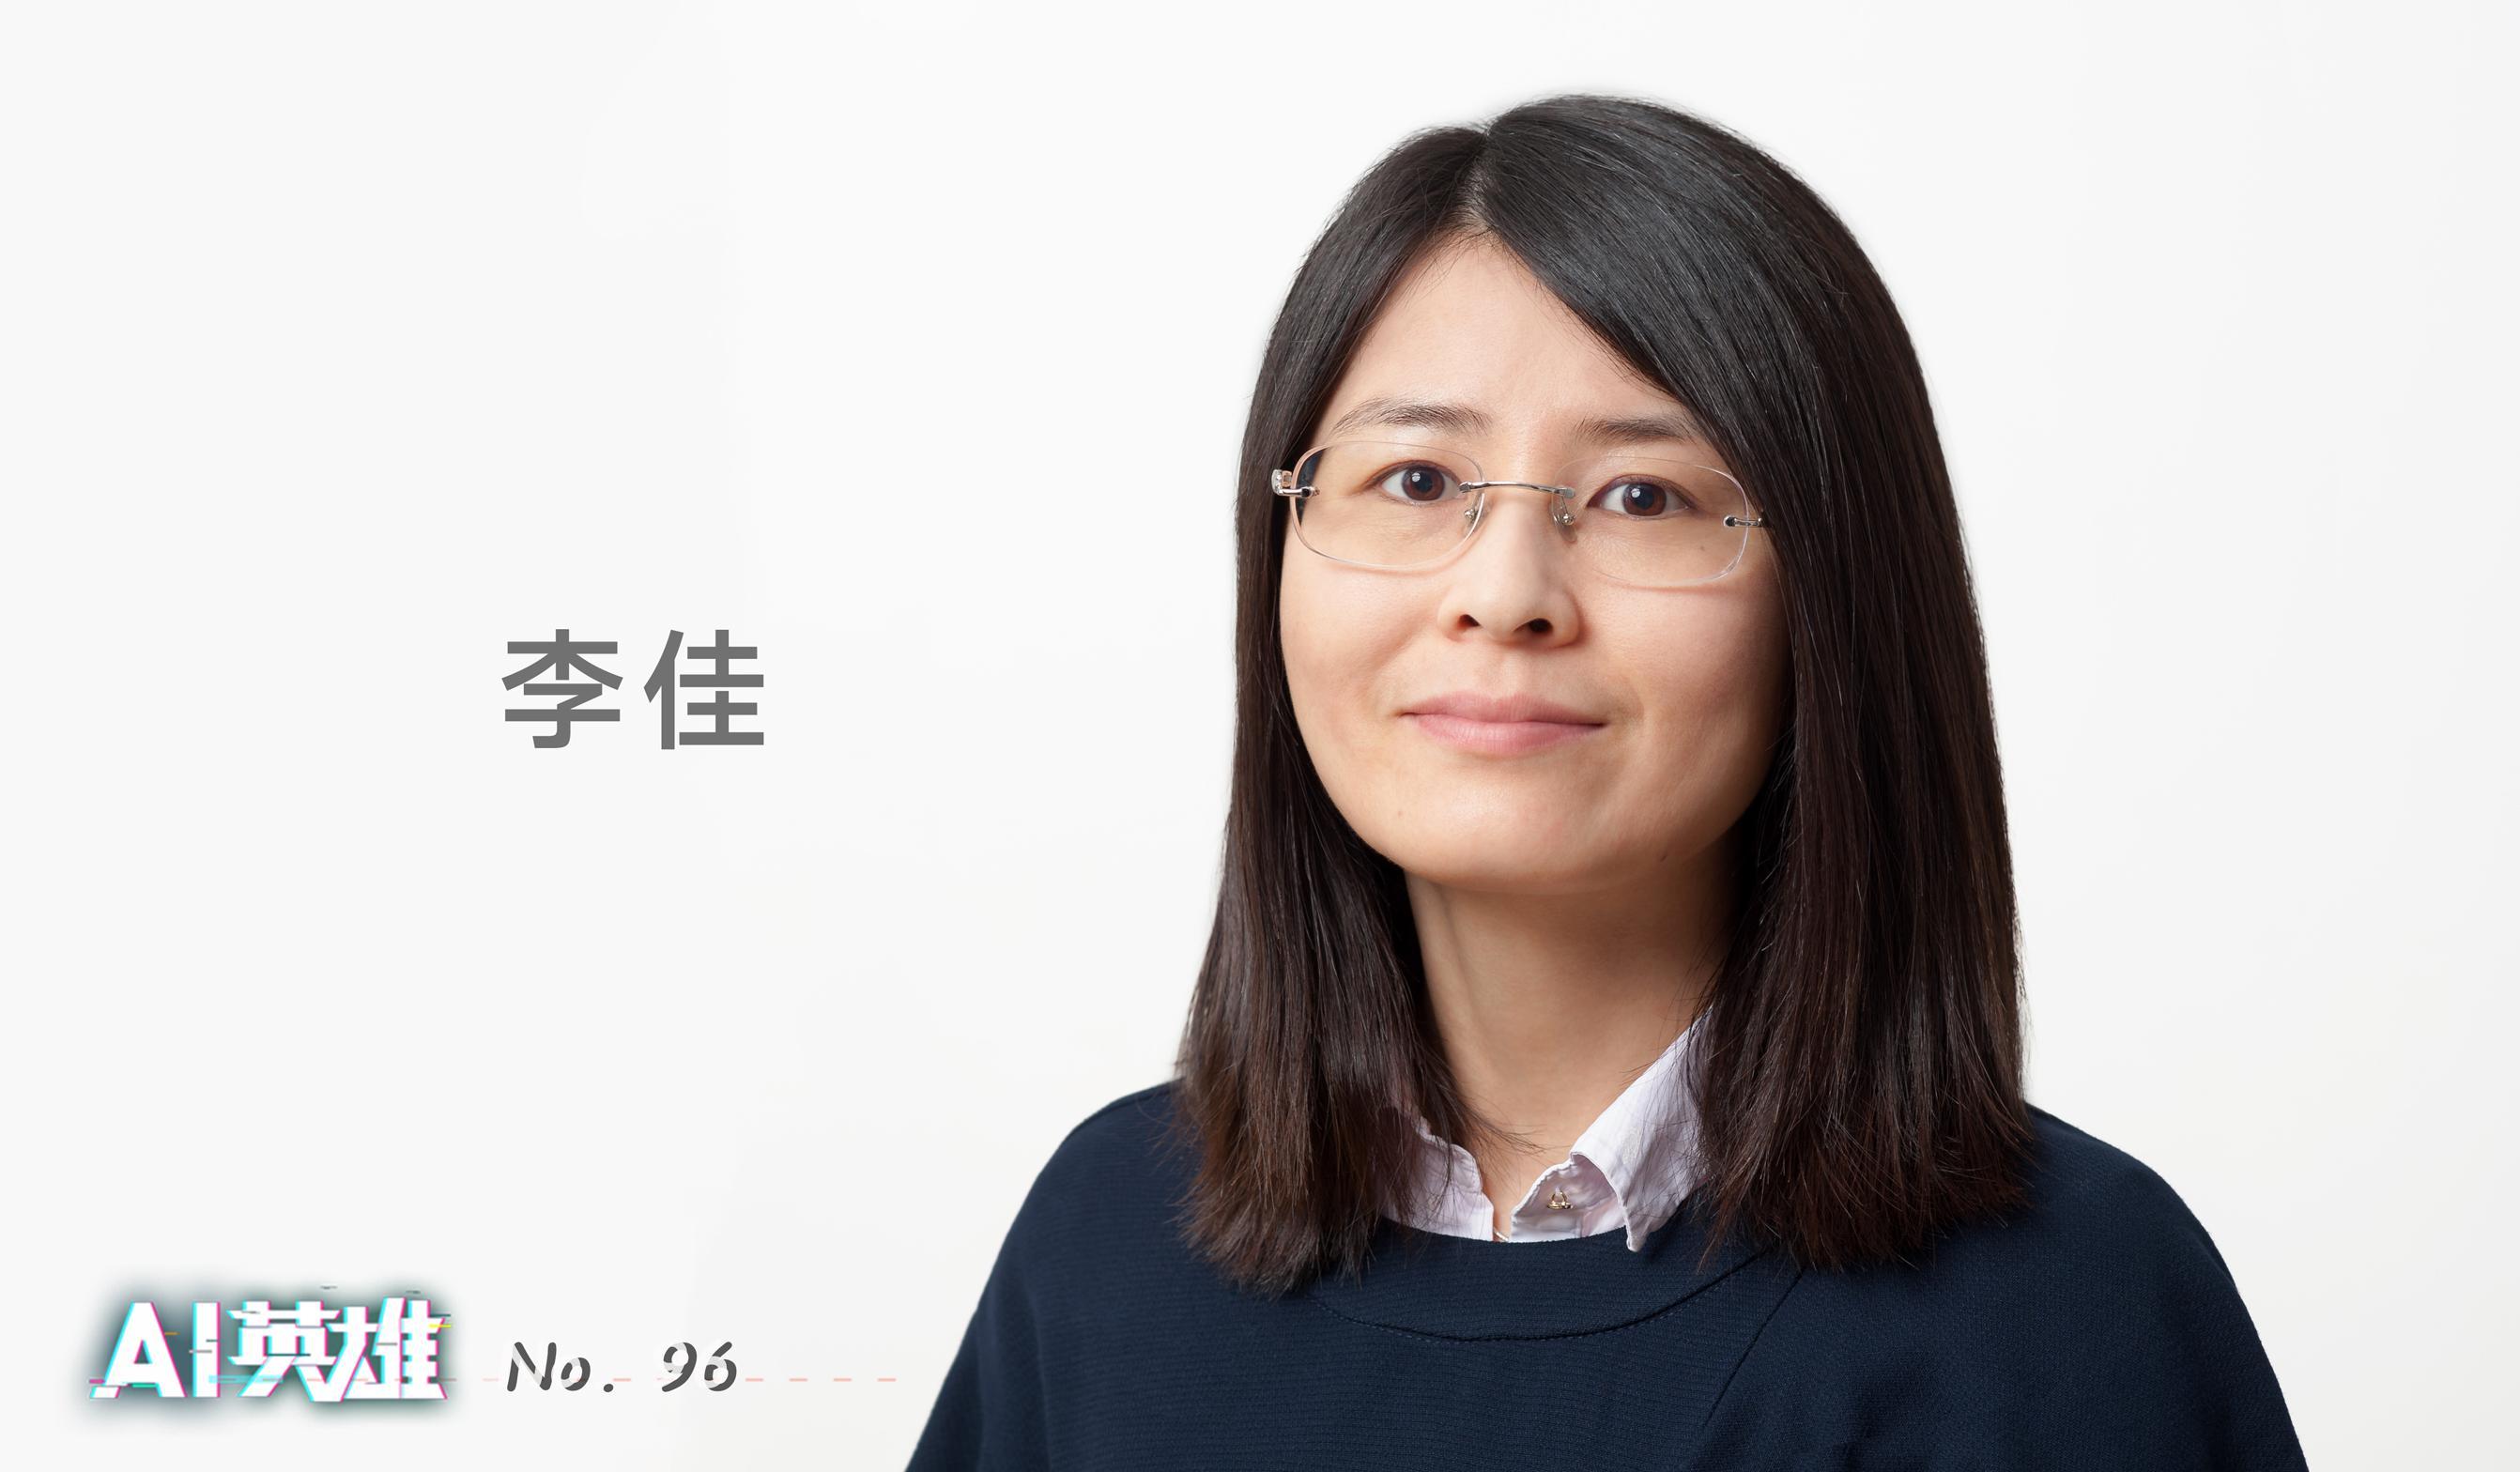 谷歌李佳:人工智能不应该成为巨头公司的奢侈品